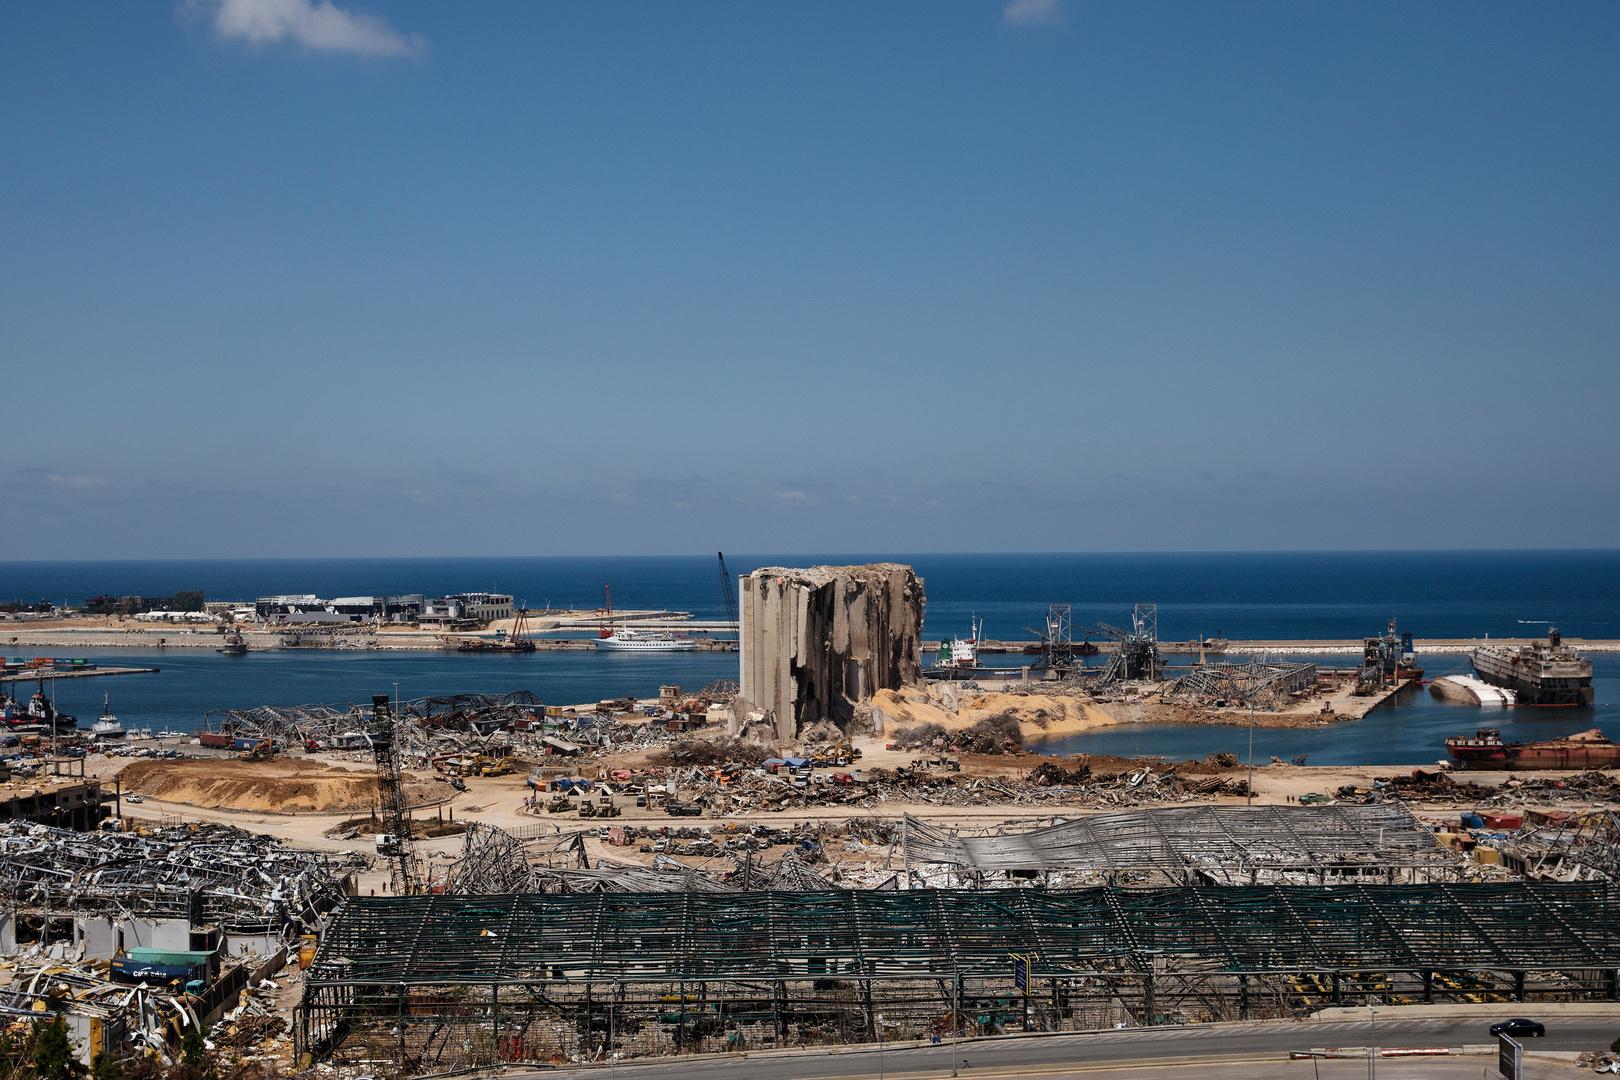 لبنان يتلقى تقريرا فرنسيا بشأن انفجار مرفأ بيروت